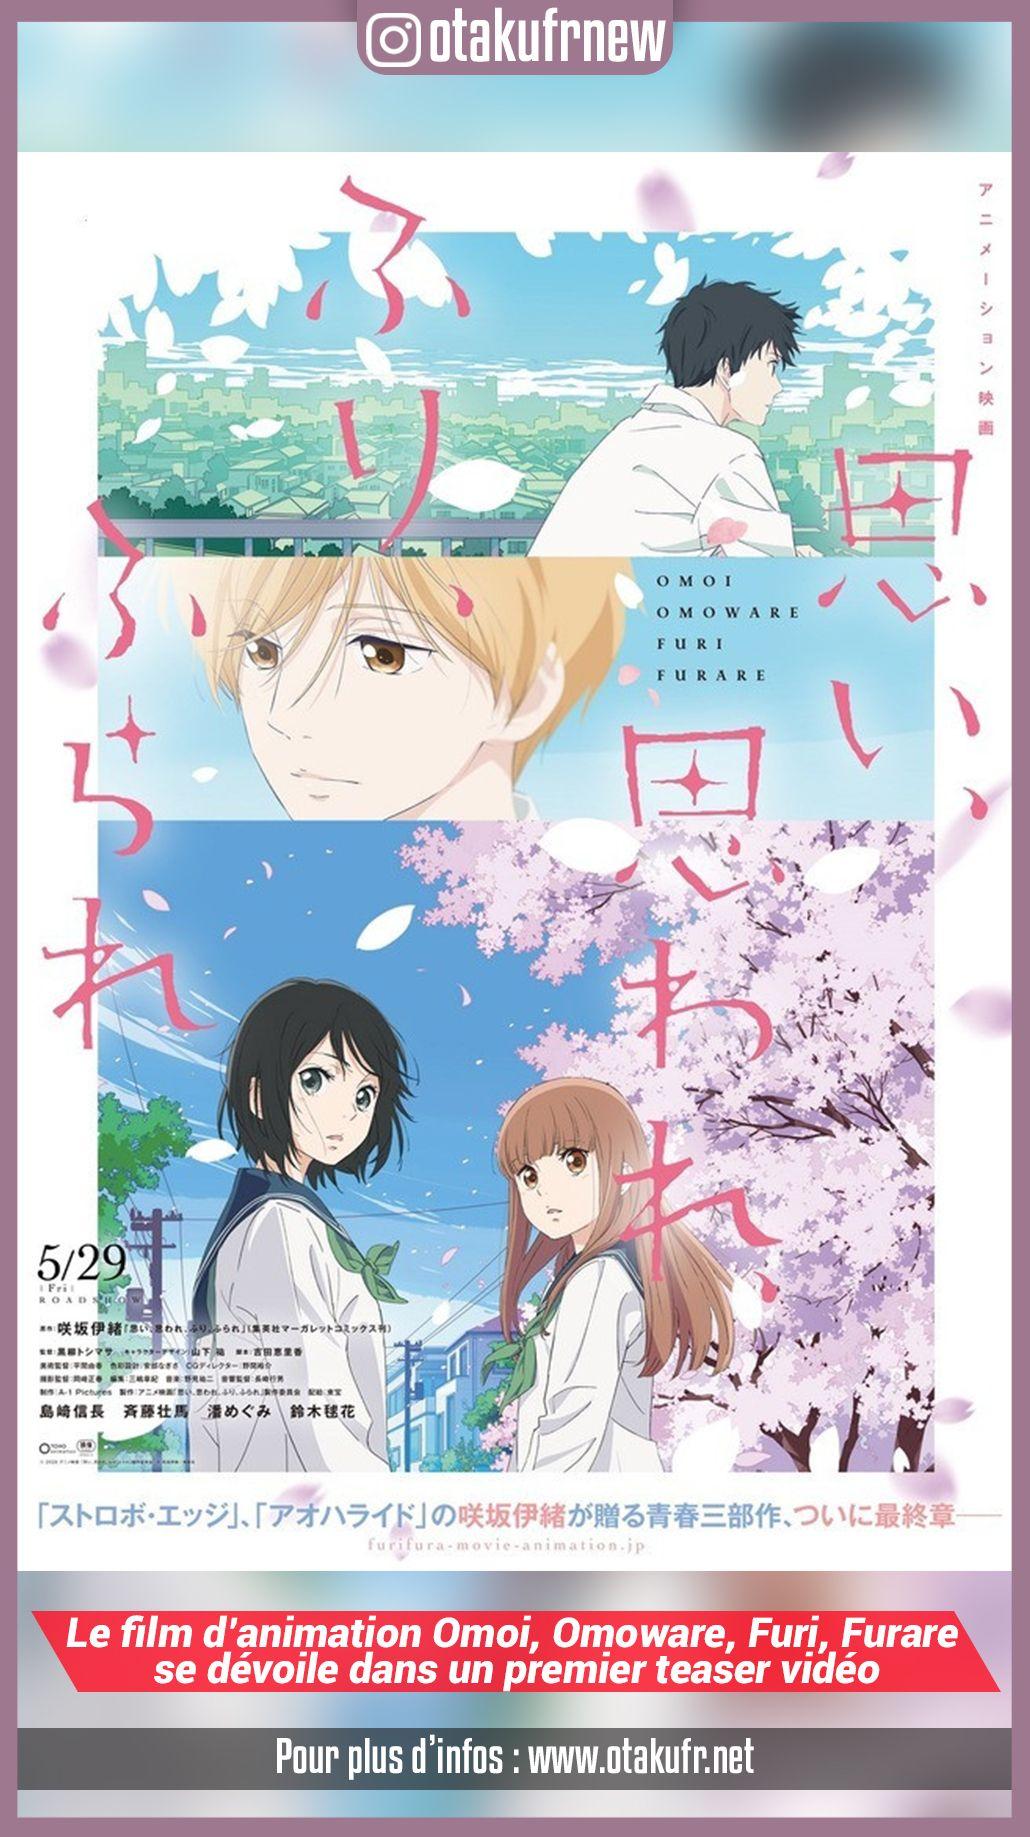 Épinglé sur Actualité Anime